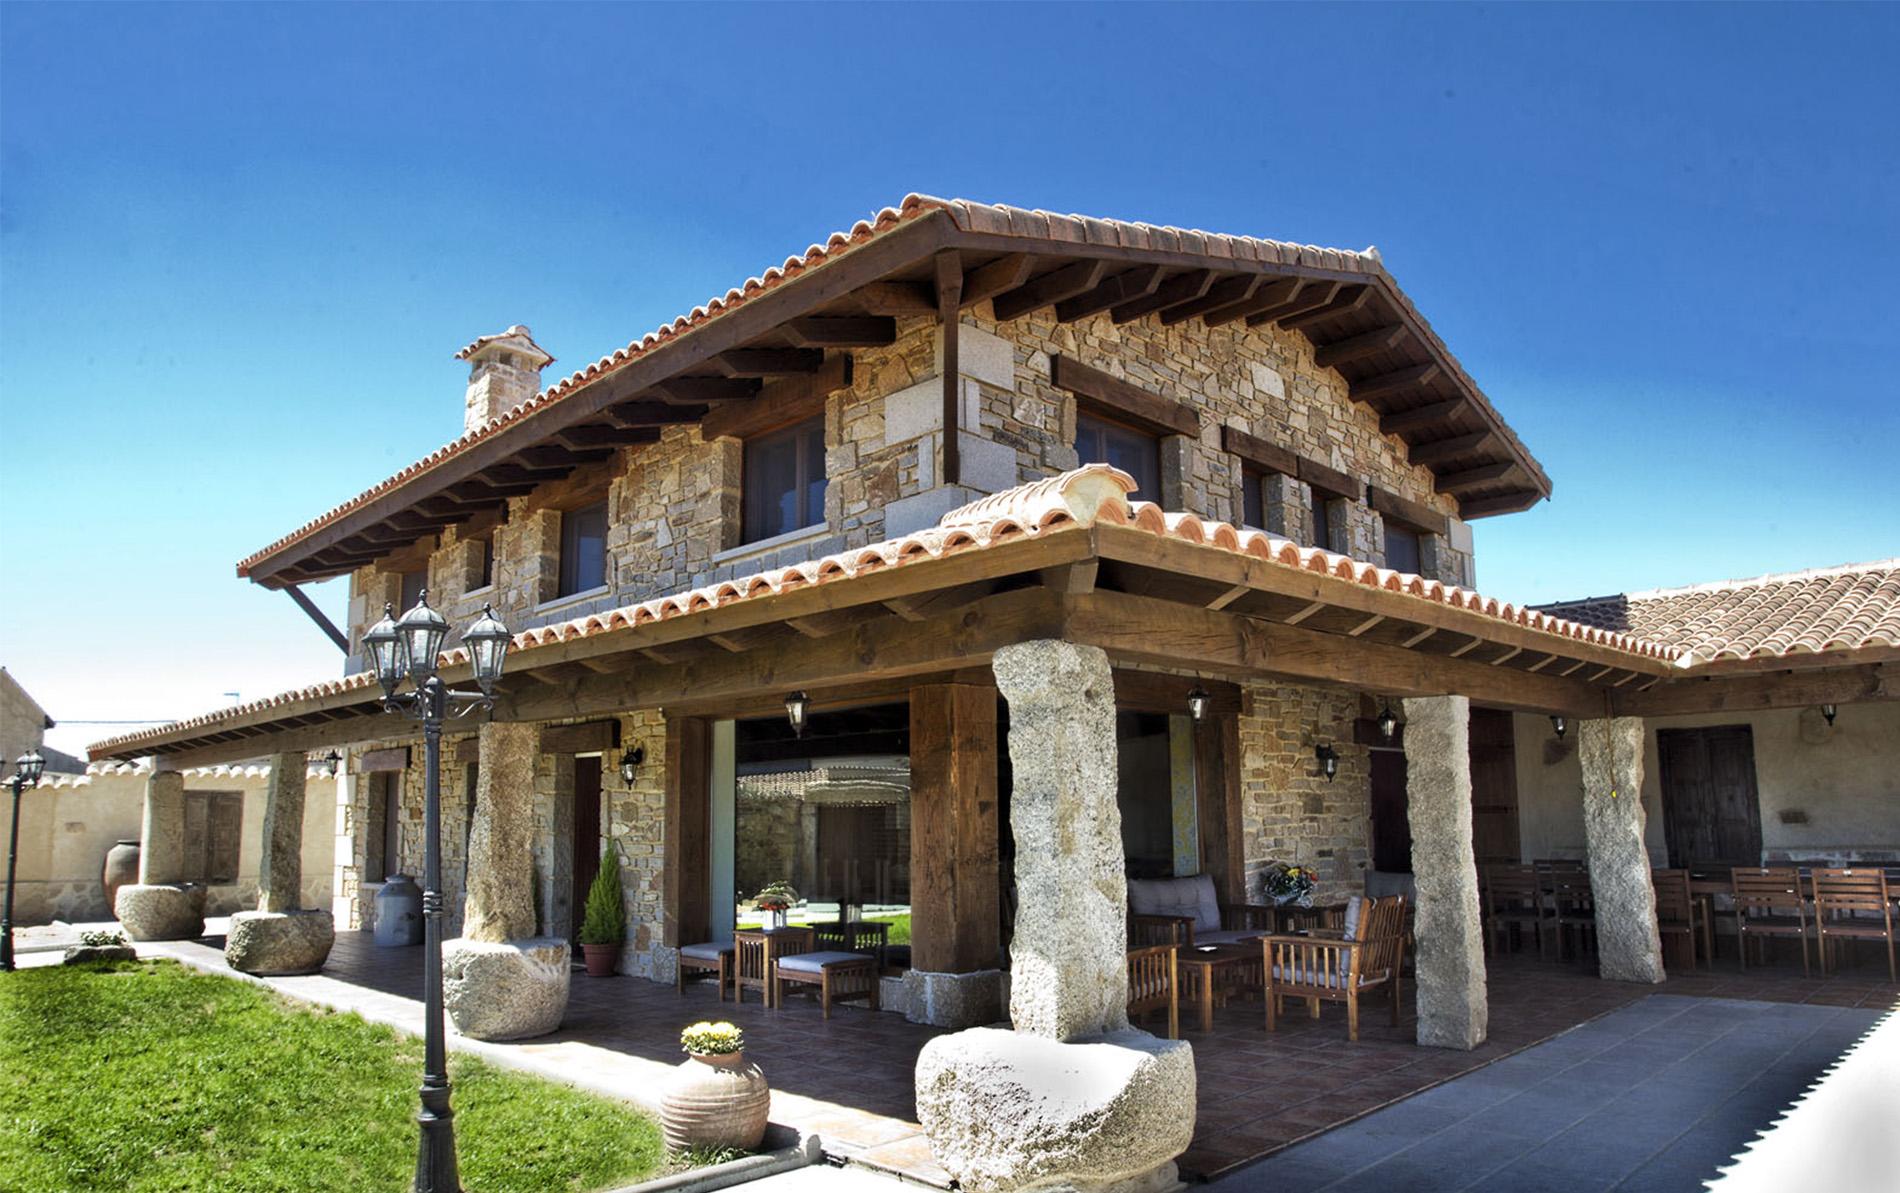 Siega verde casa rural siega verde casa rural for Casas rurales alicante con piscina